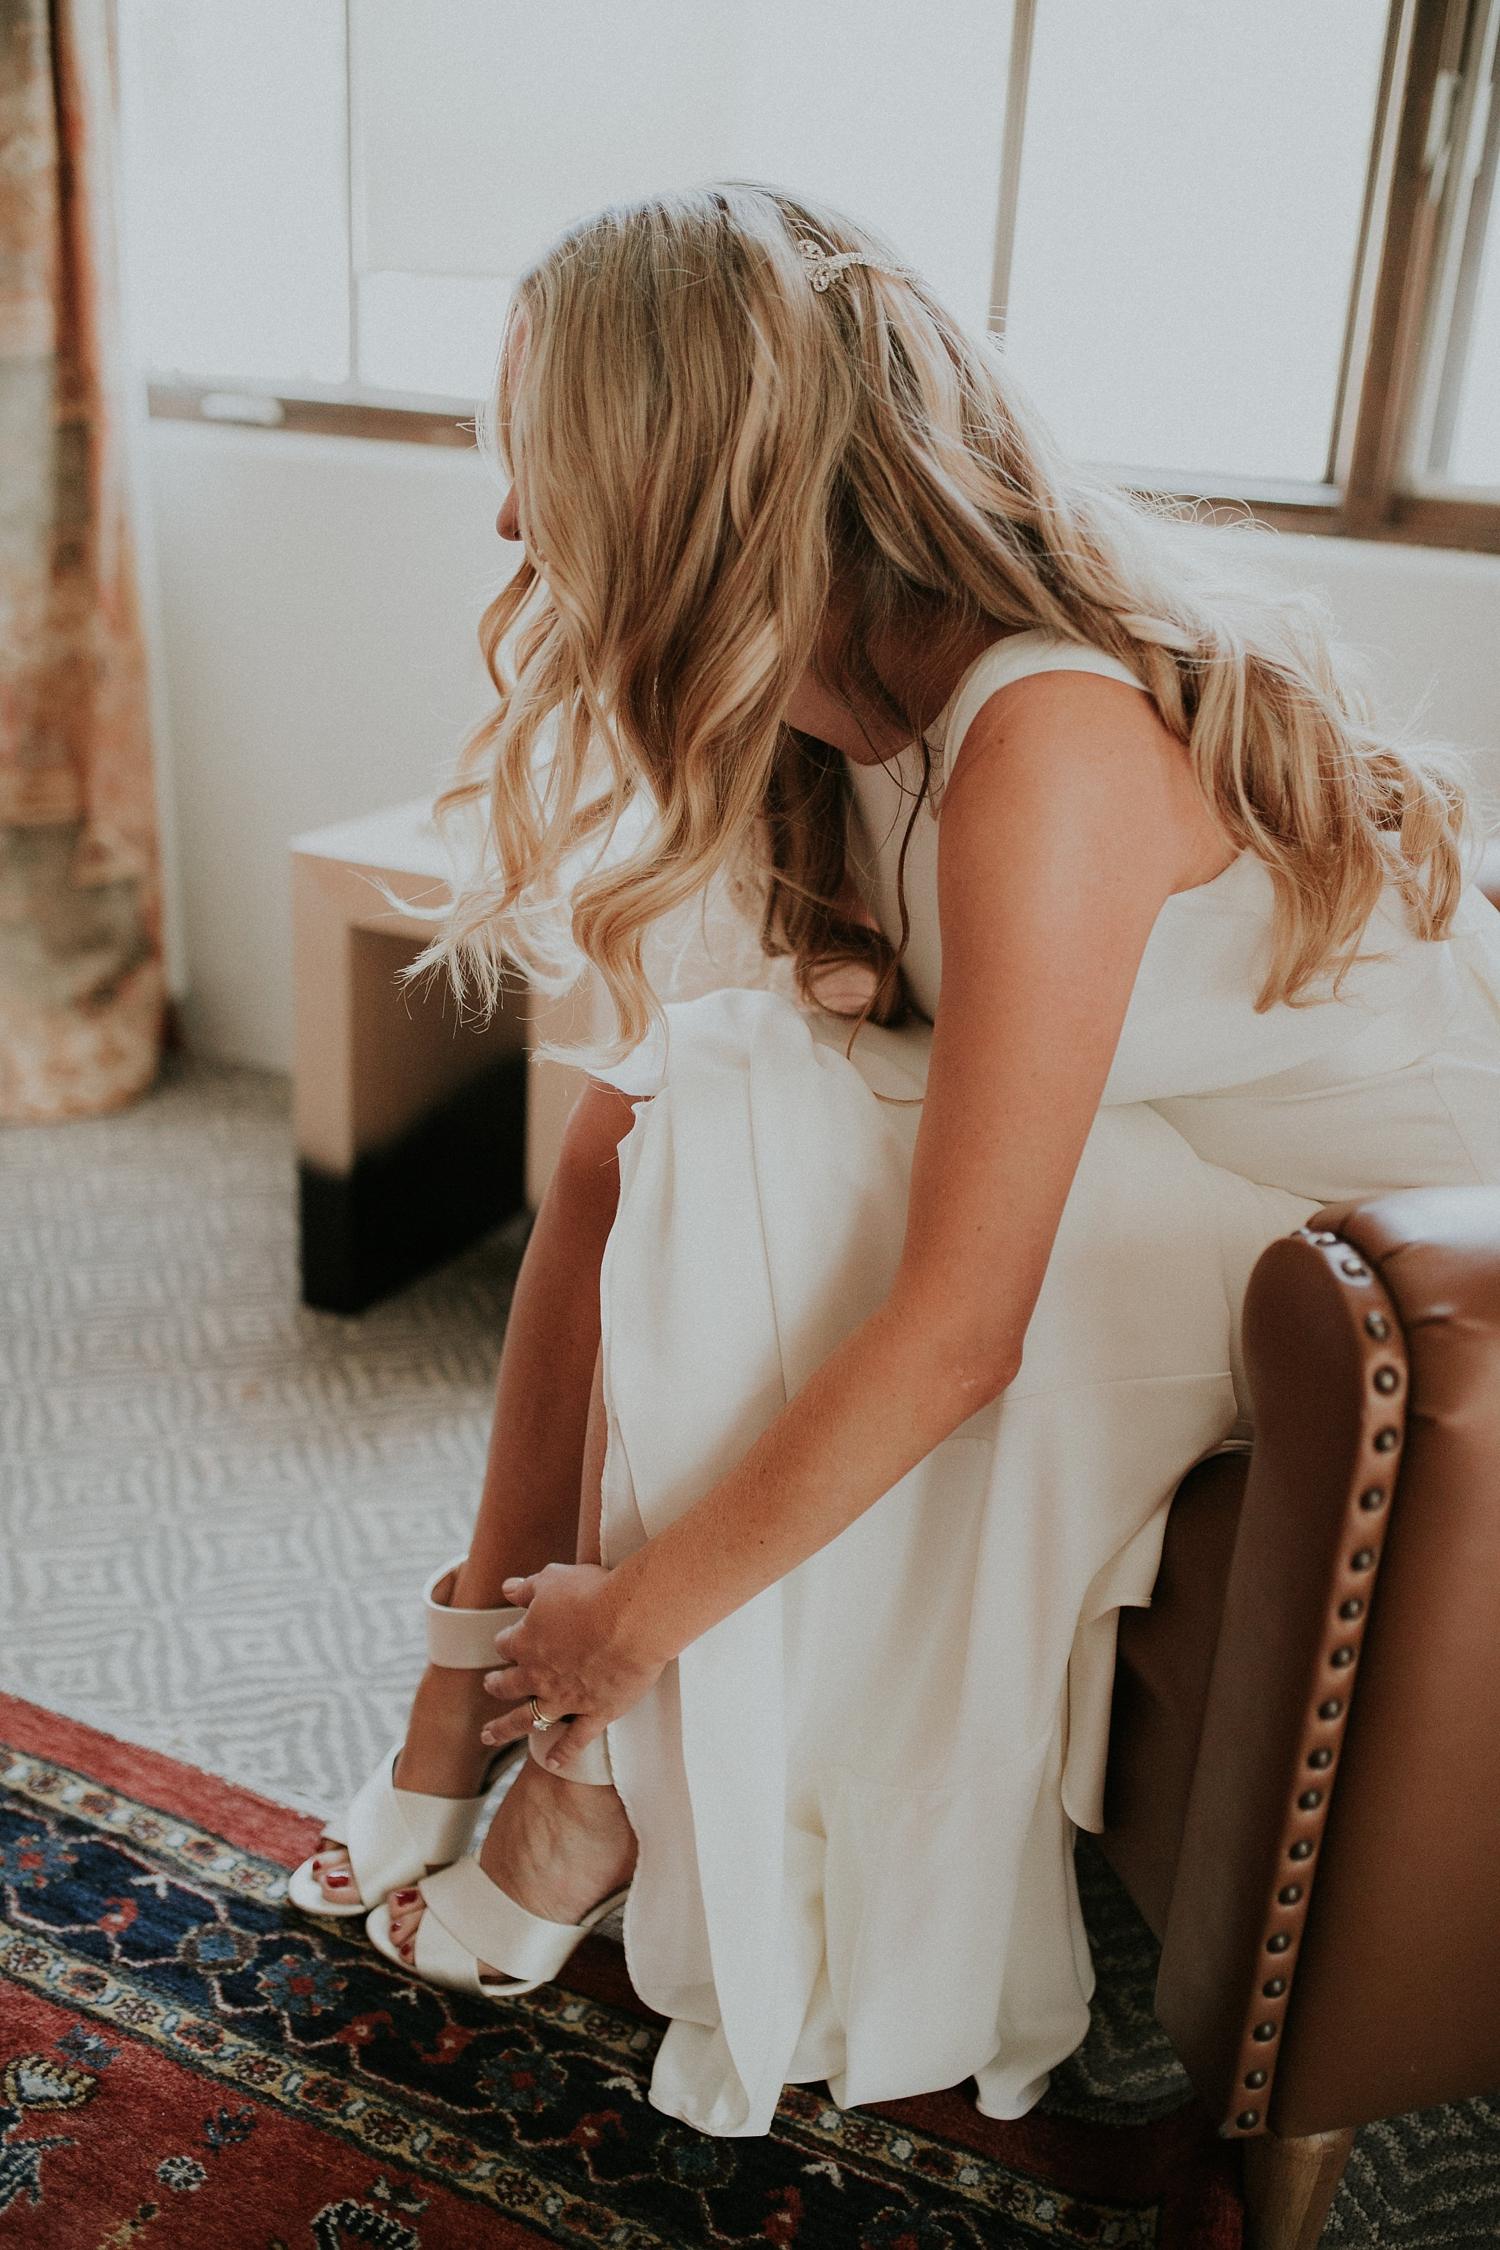 Alicia+lucia+photography+-+albuquerque+wedding+photographer+-+santa+fe+wedding+photography+-+new+mexico+wedding+photographer+-+wedding+bridal+shoe+-+wedding+style+edit_0025.jpg